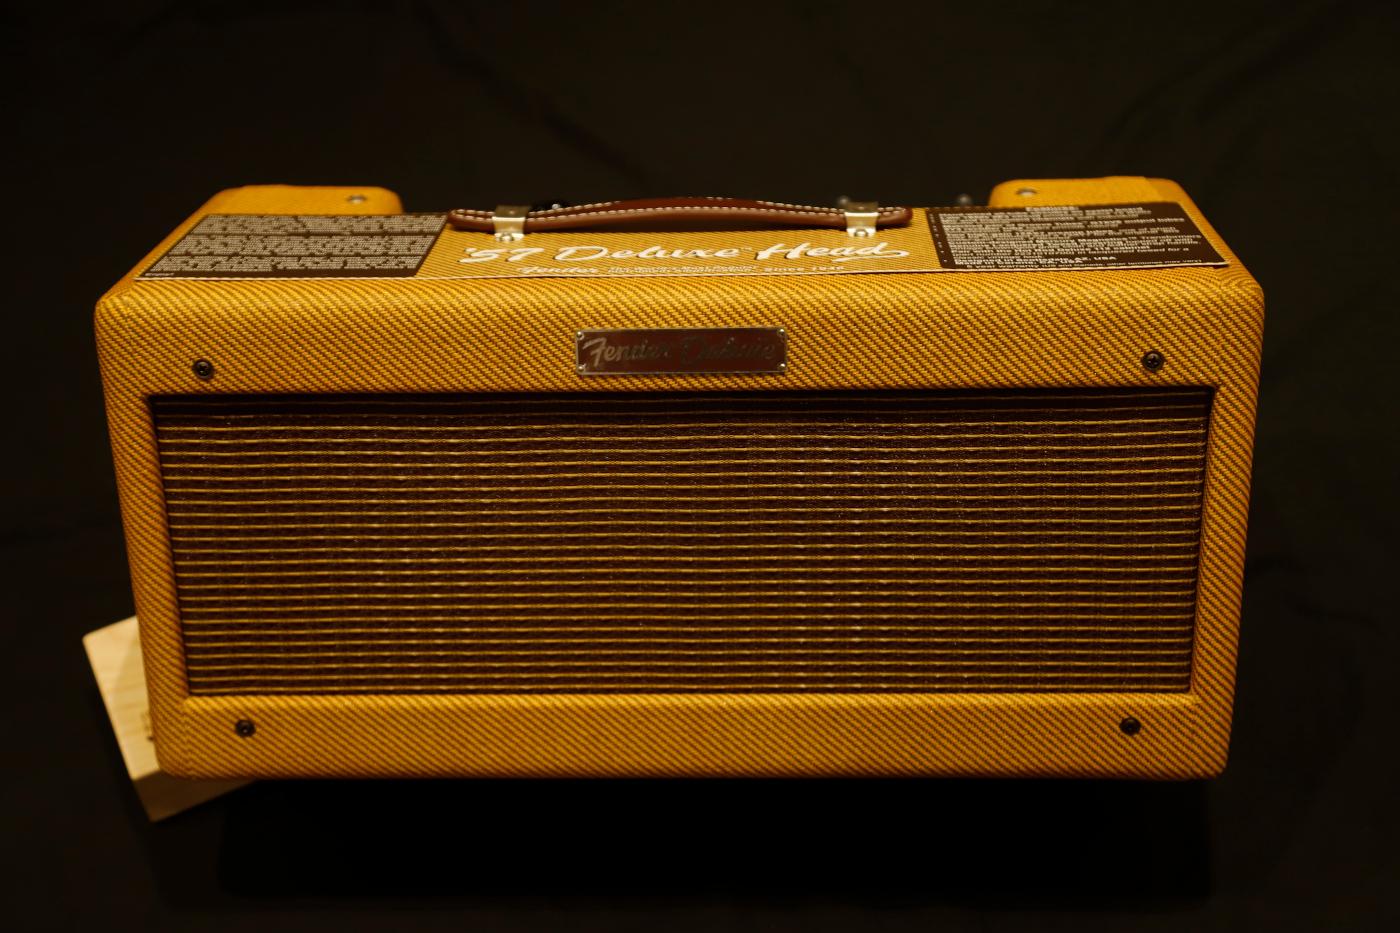 中古美品入荷 新品同様 人気ブランド USED 中古品 激安セール 送料込 FENDER AMP≪フェンダー DELUXE ギターアンプ≫ '57 HEAD